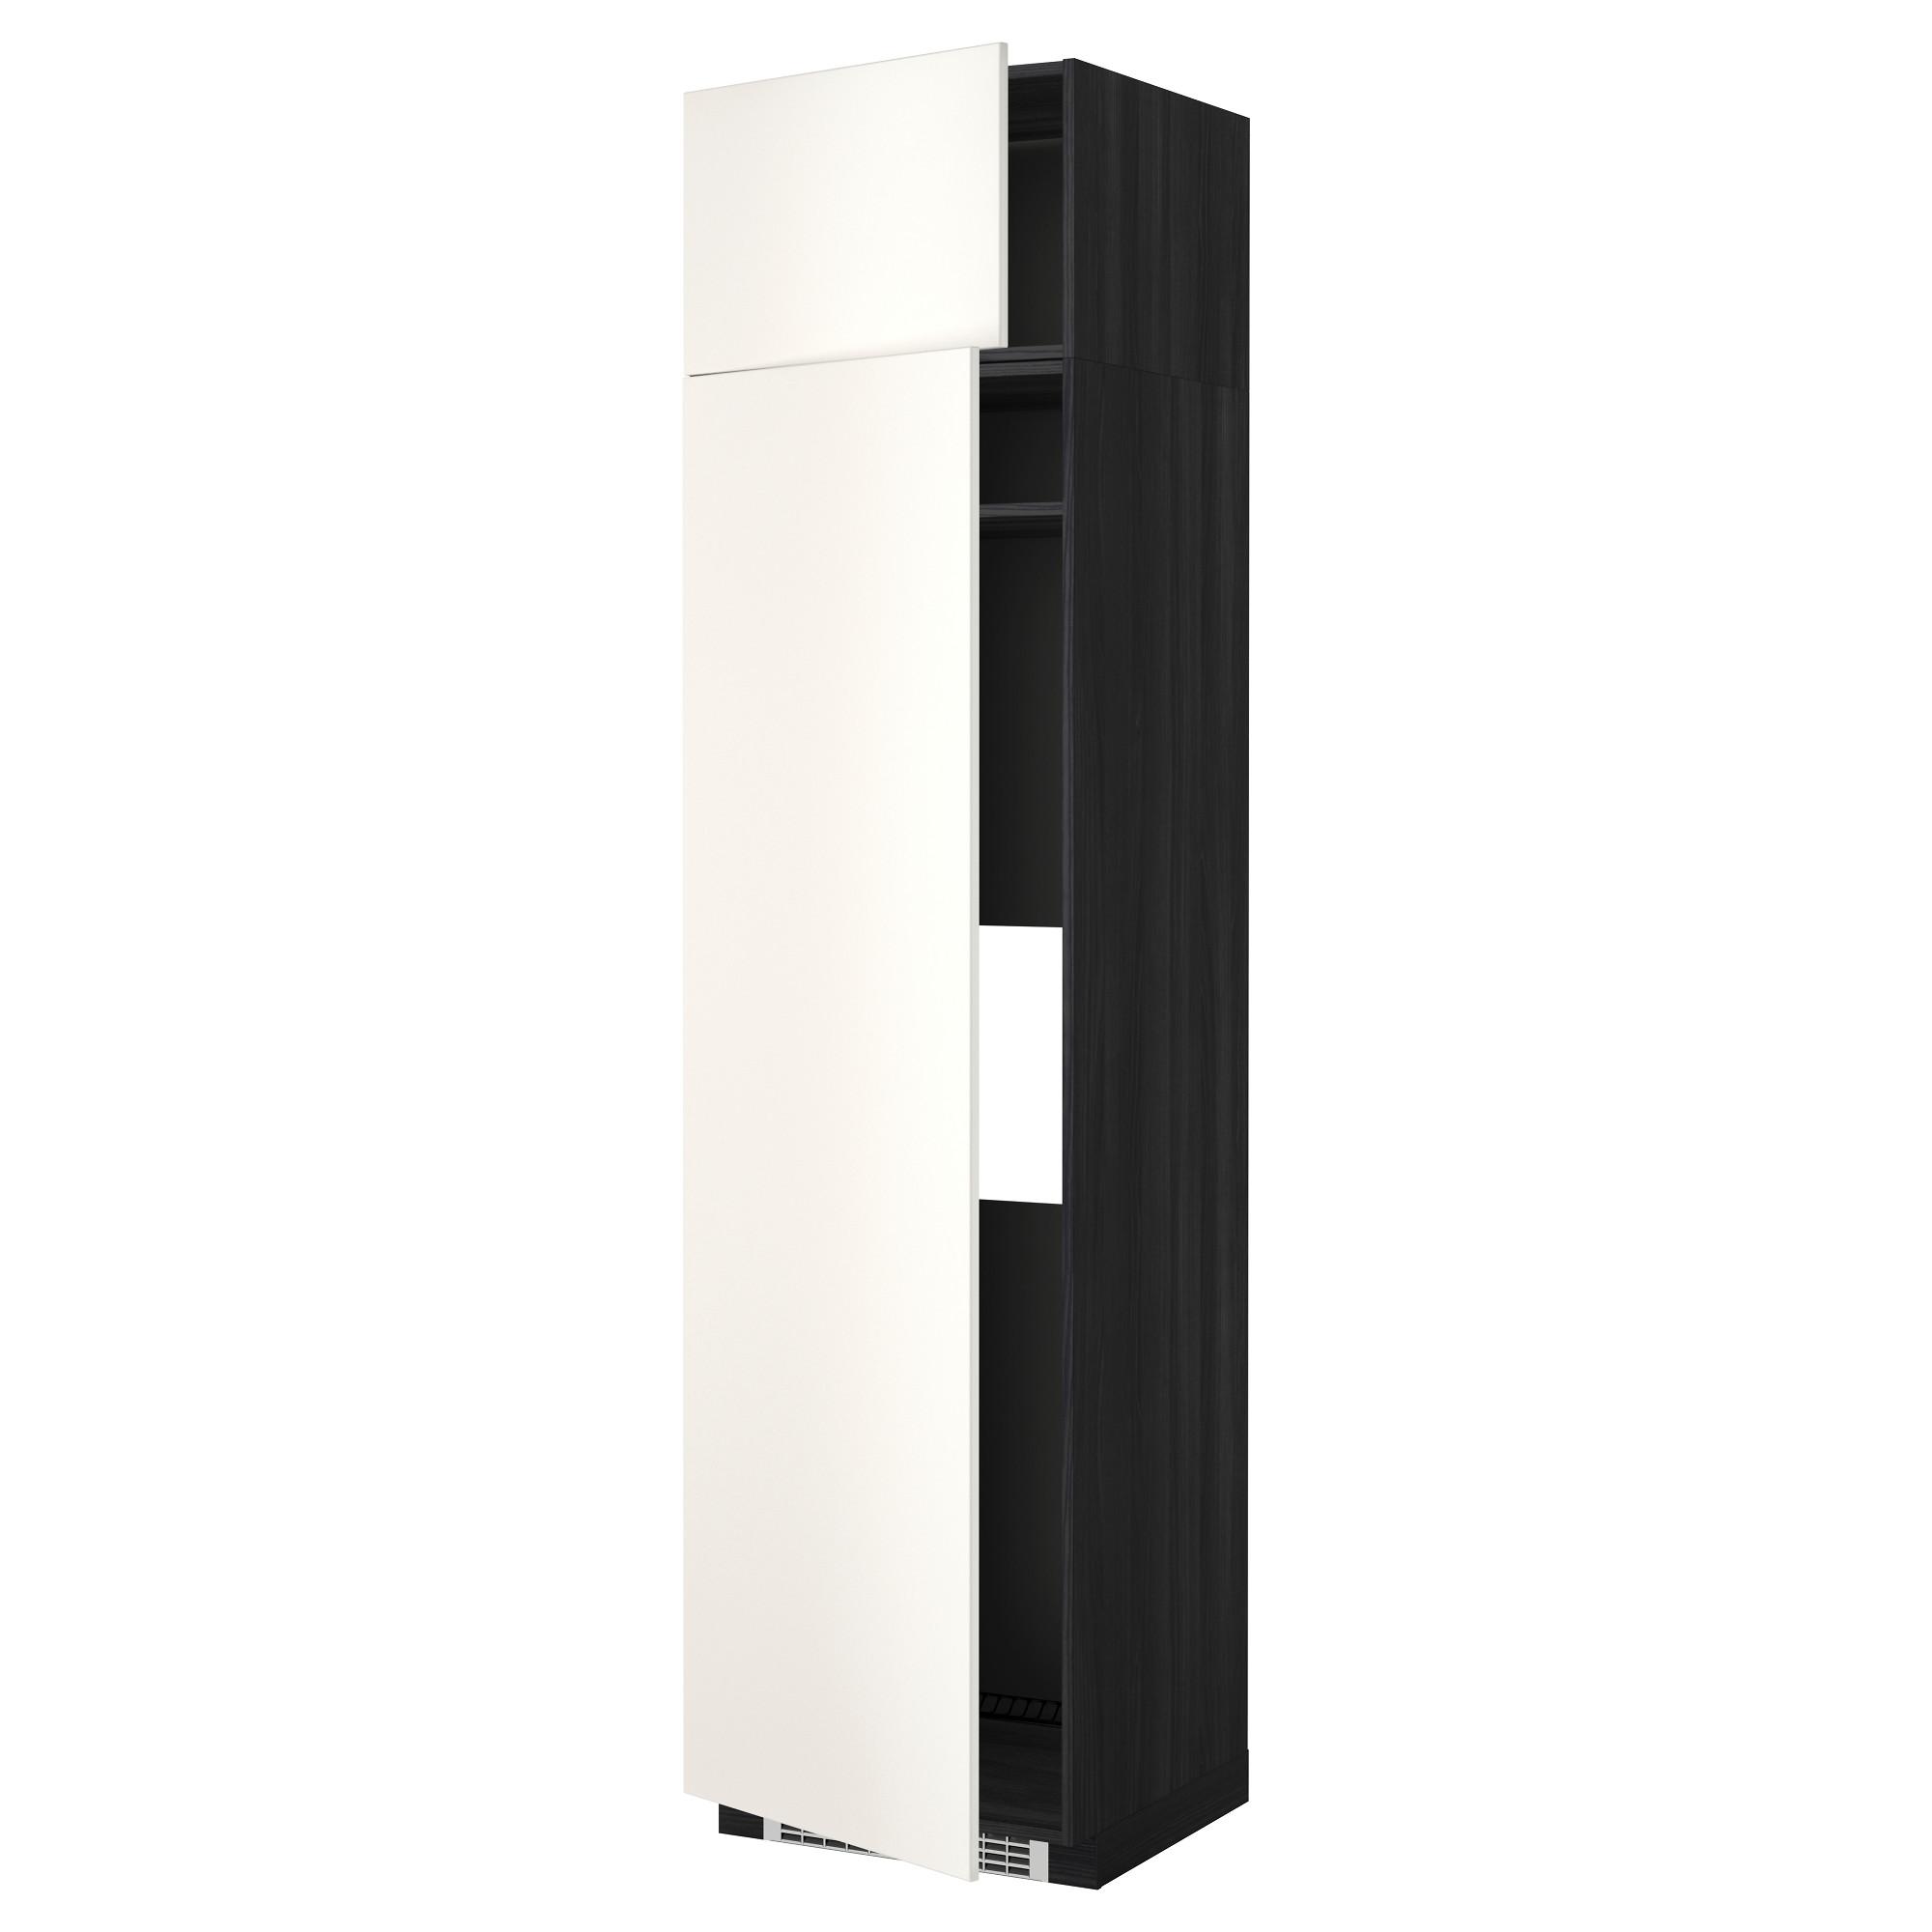 Высокий шкаф для холодильника или морозильник МЕТОД черный артикуль № 592.237.82 в наличии. Онлайн магазин IKEA РБ. Недорогая доставка и монтаж.